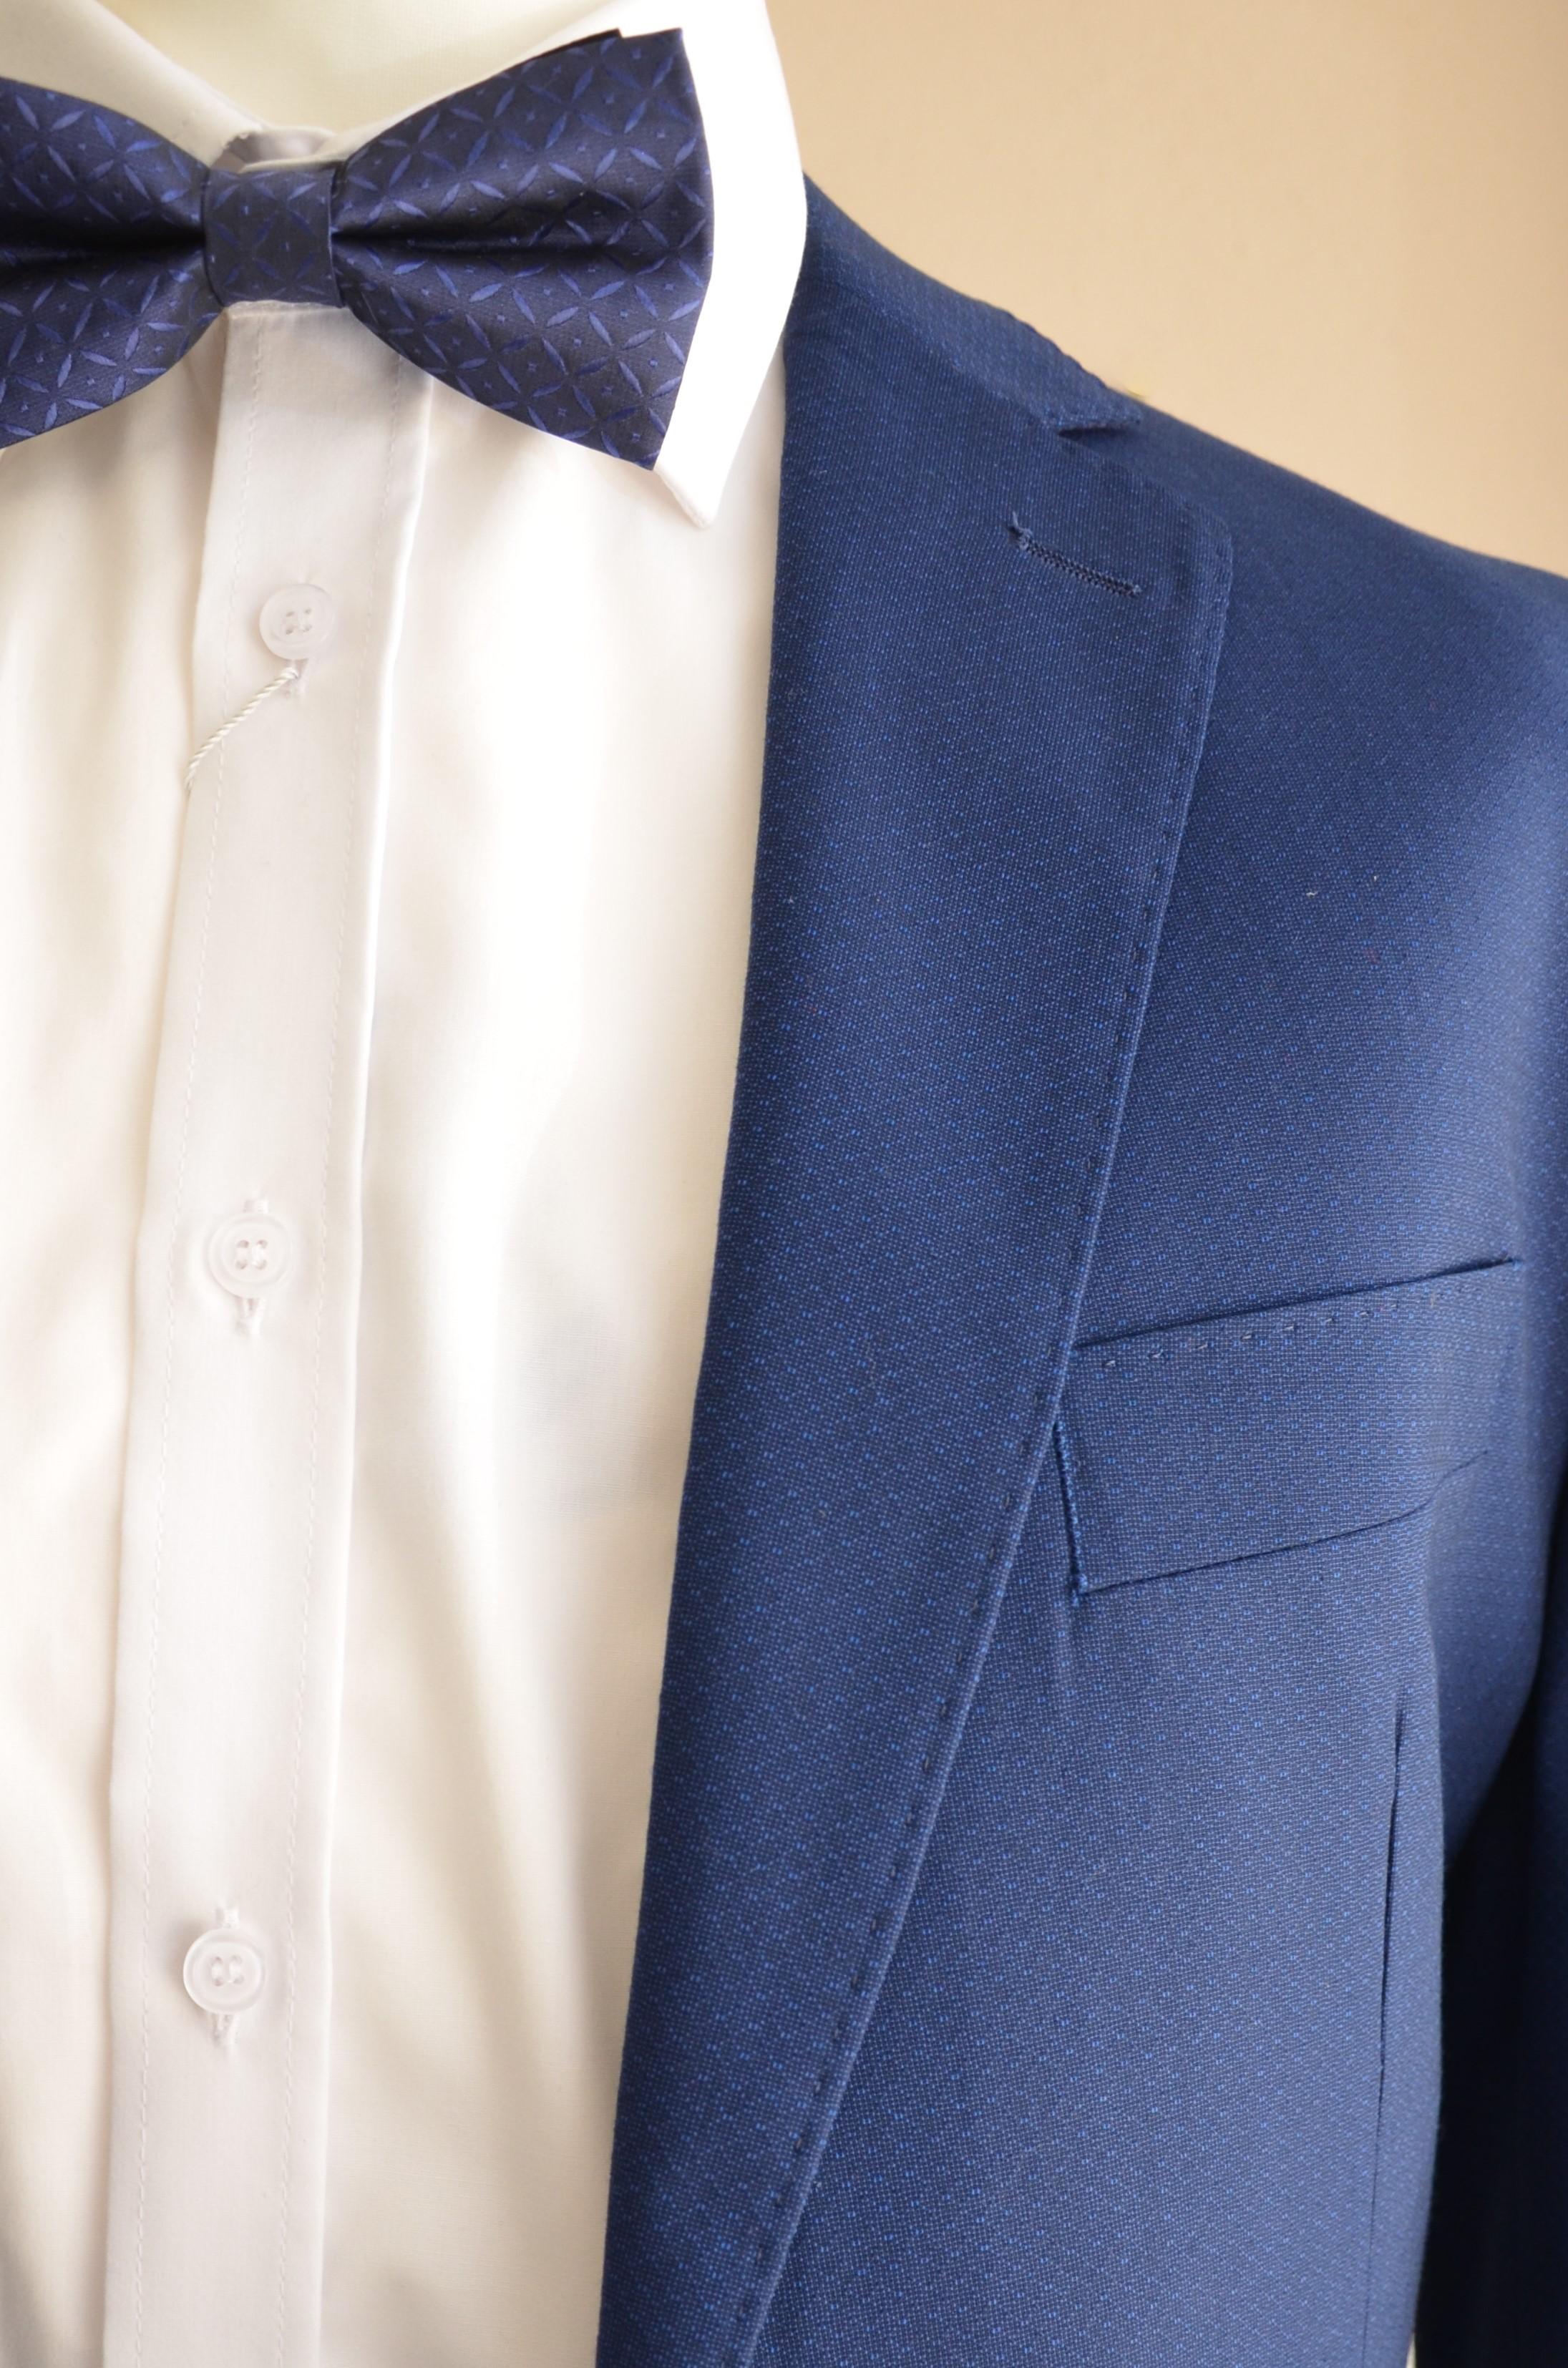 Anzug im intensiven Blauton